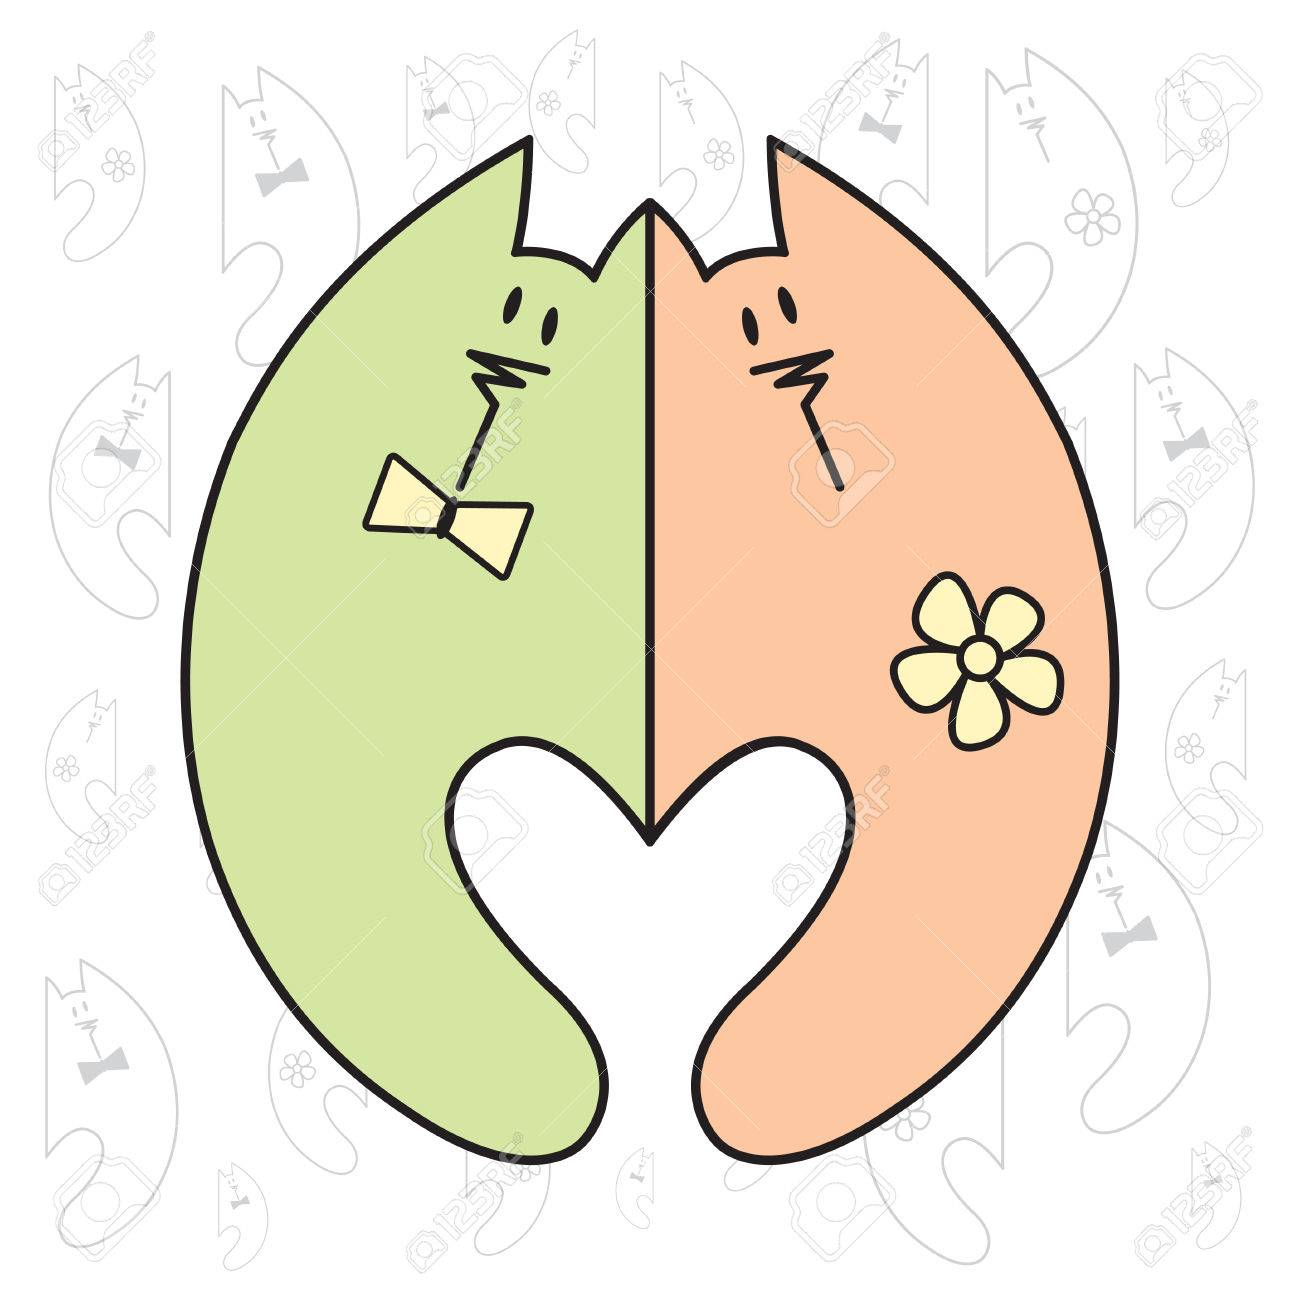 0366b53e59 Foto de archivo - Me encanta el arte Valentine. clipart de la vendimia  romántica con gatos. ilustración vectorial Día de la boda o de San Valentín.